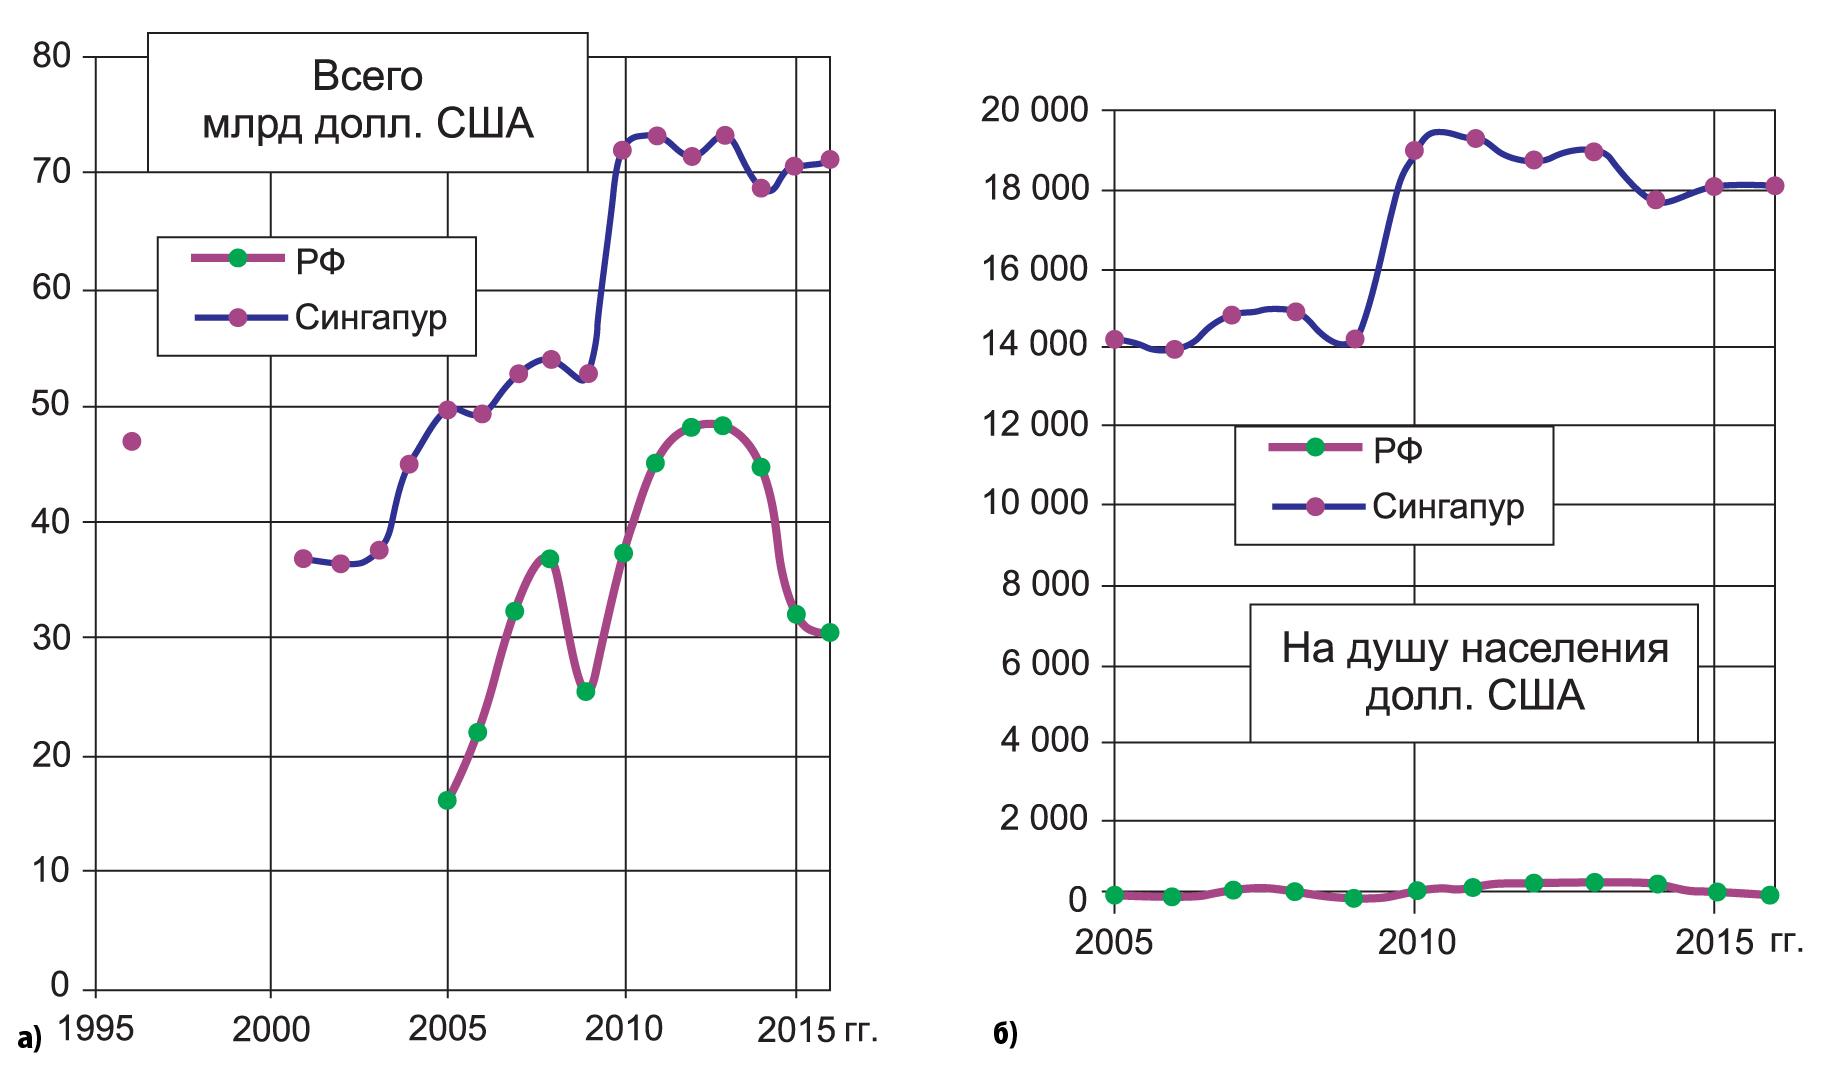 Производство электро-, электронного, оптического оборудования в России и Сингапуре в 1995–2016 гг.